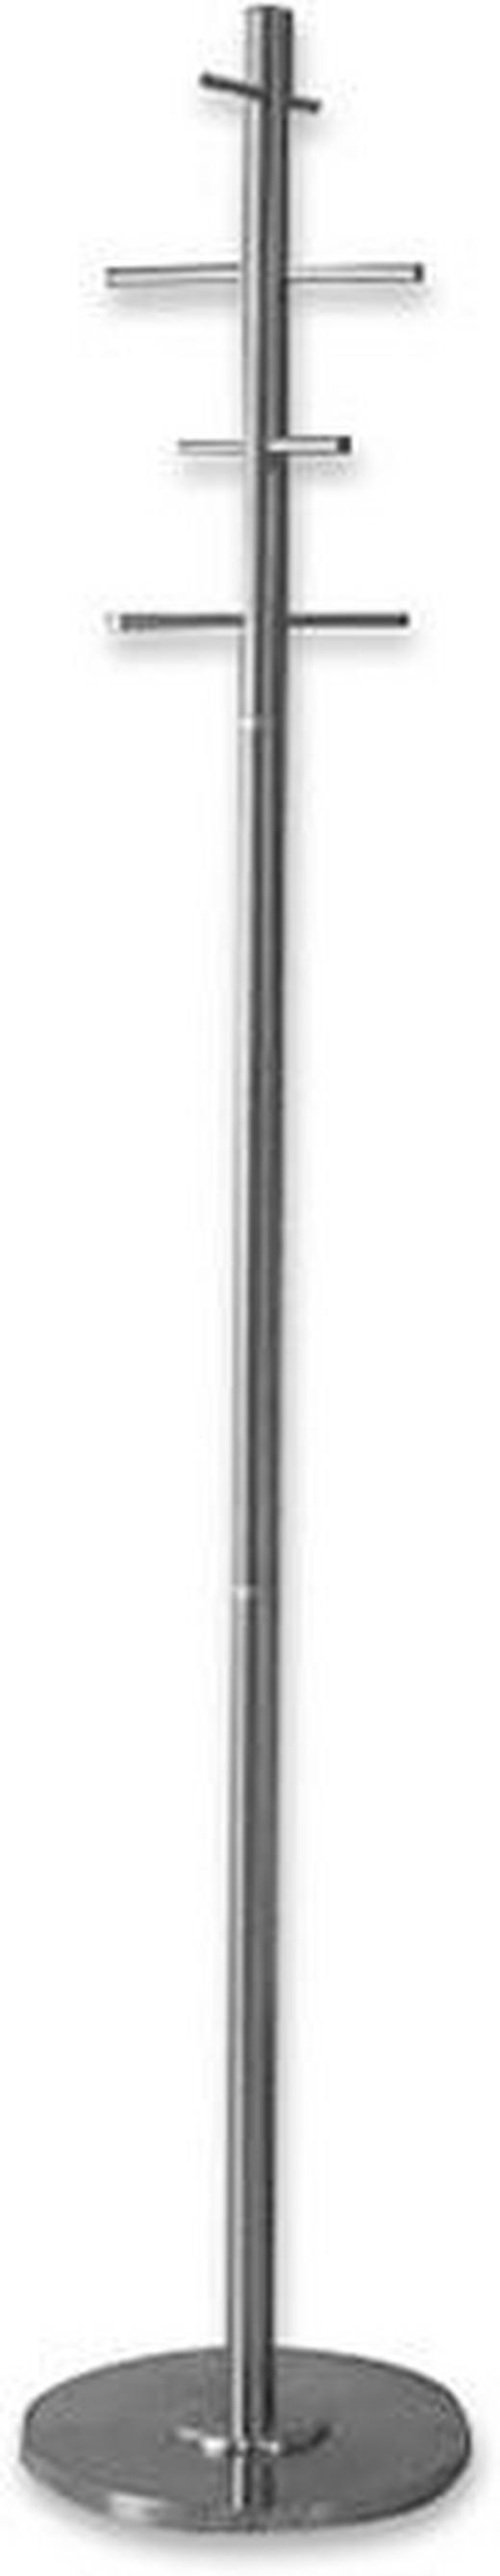 KLEIDERSTÄNDER Edelstahlfarben - Edelstahlfarben, Design, Metall (35/183/35cm) - CARRYHOME